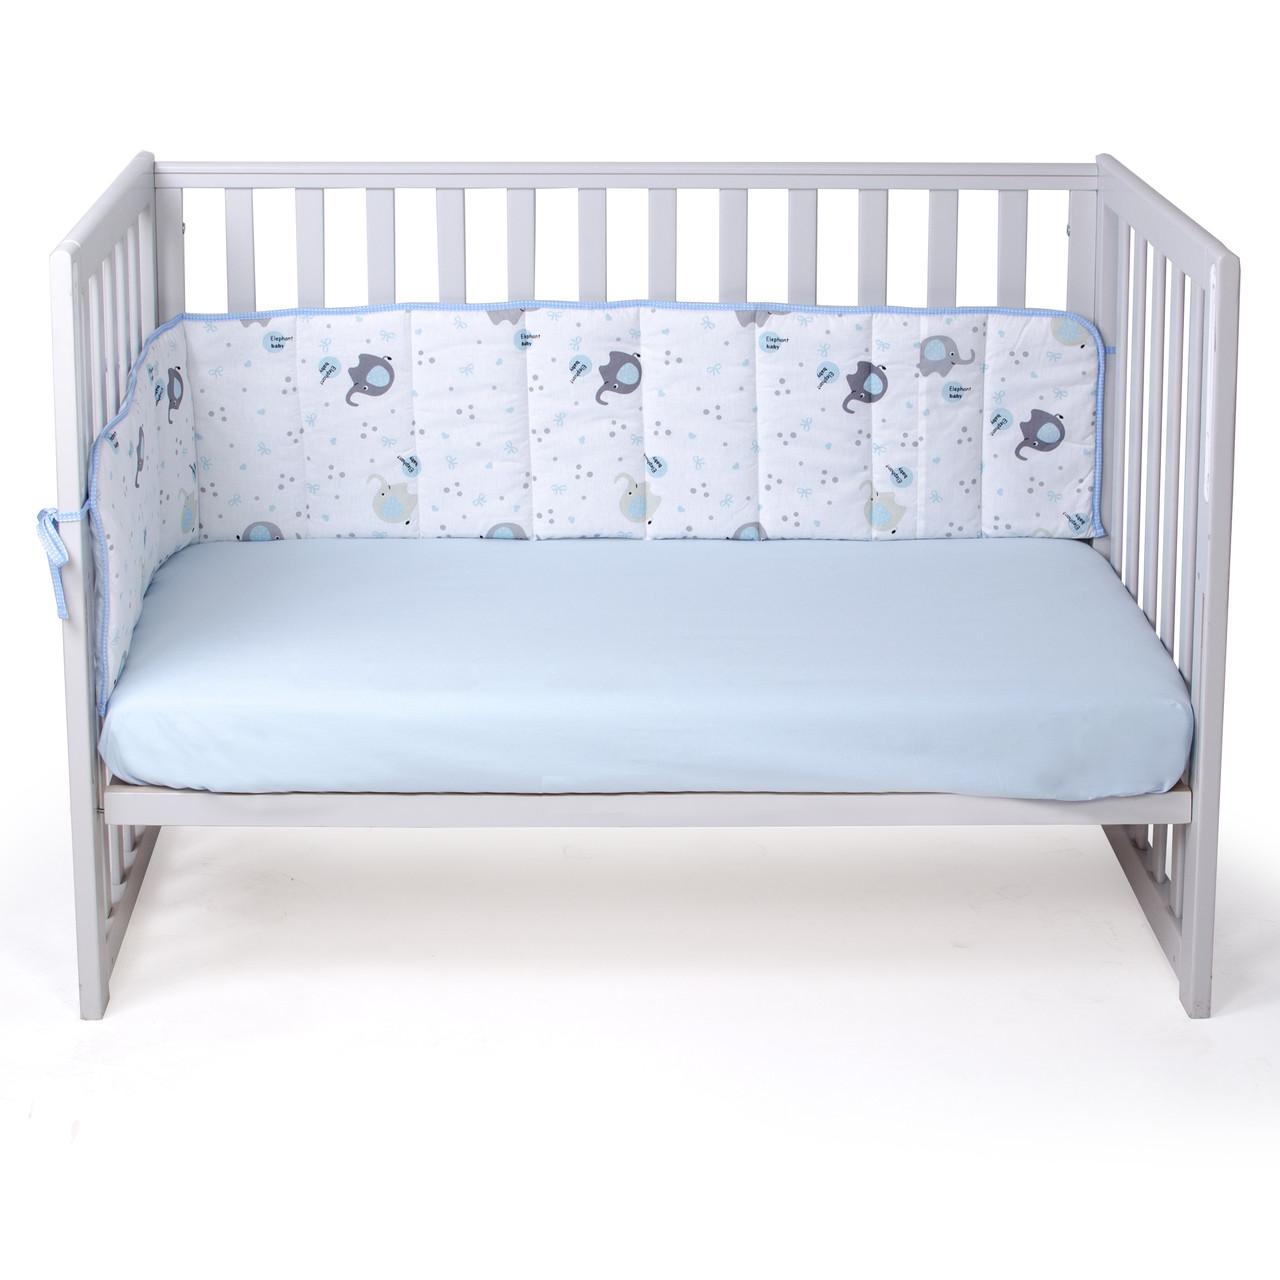 Защита в кроватку сплошная Veres Elephant blue 185*32 см